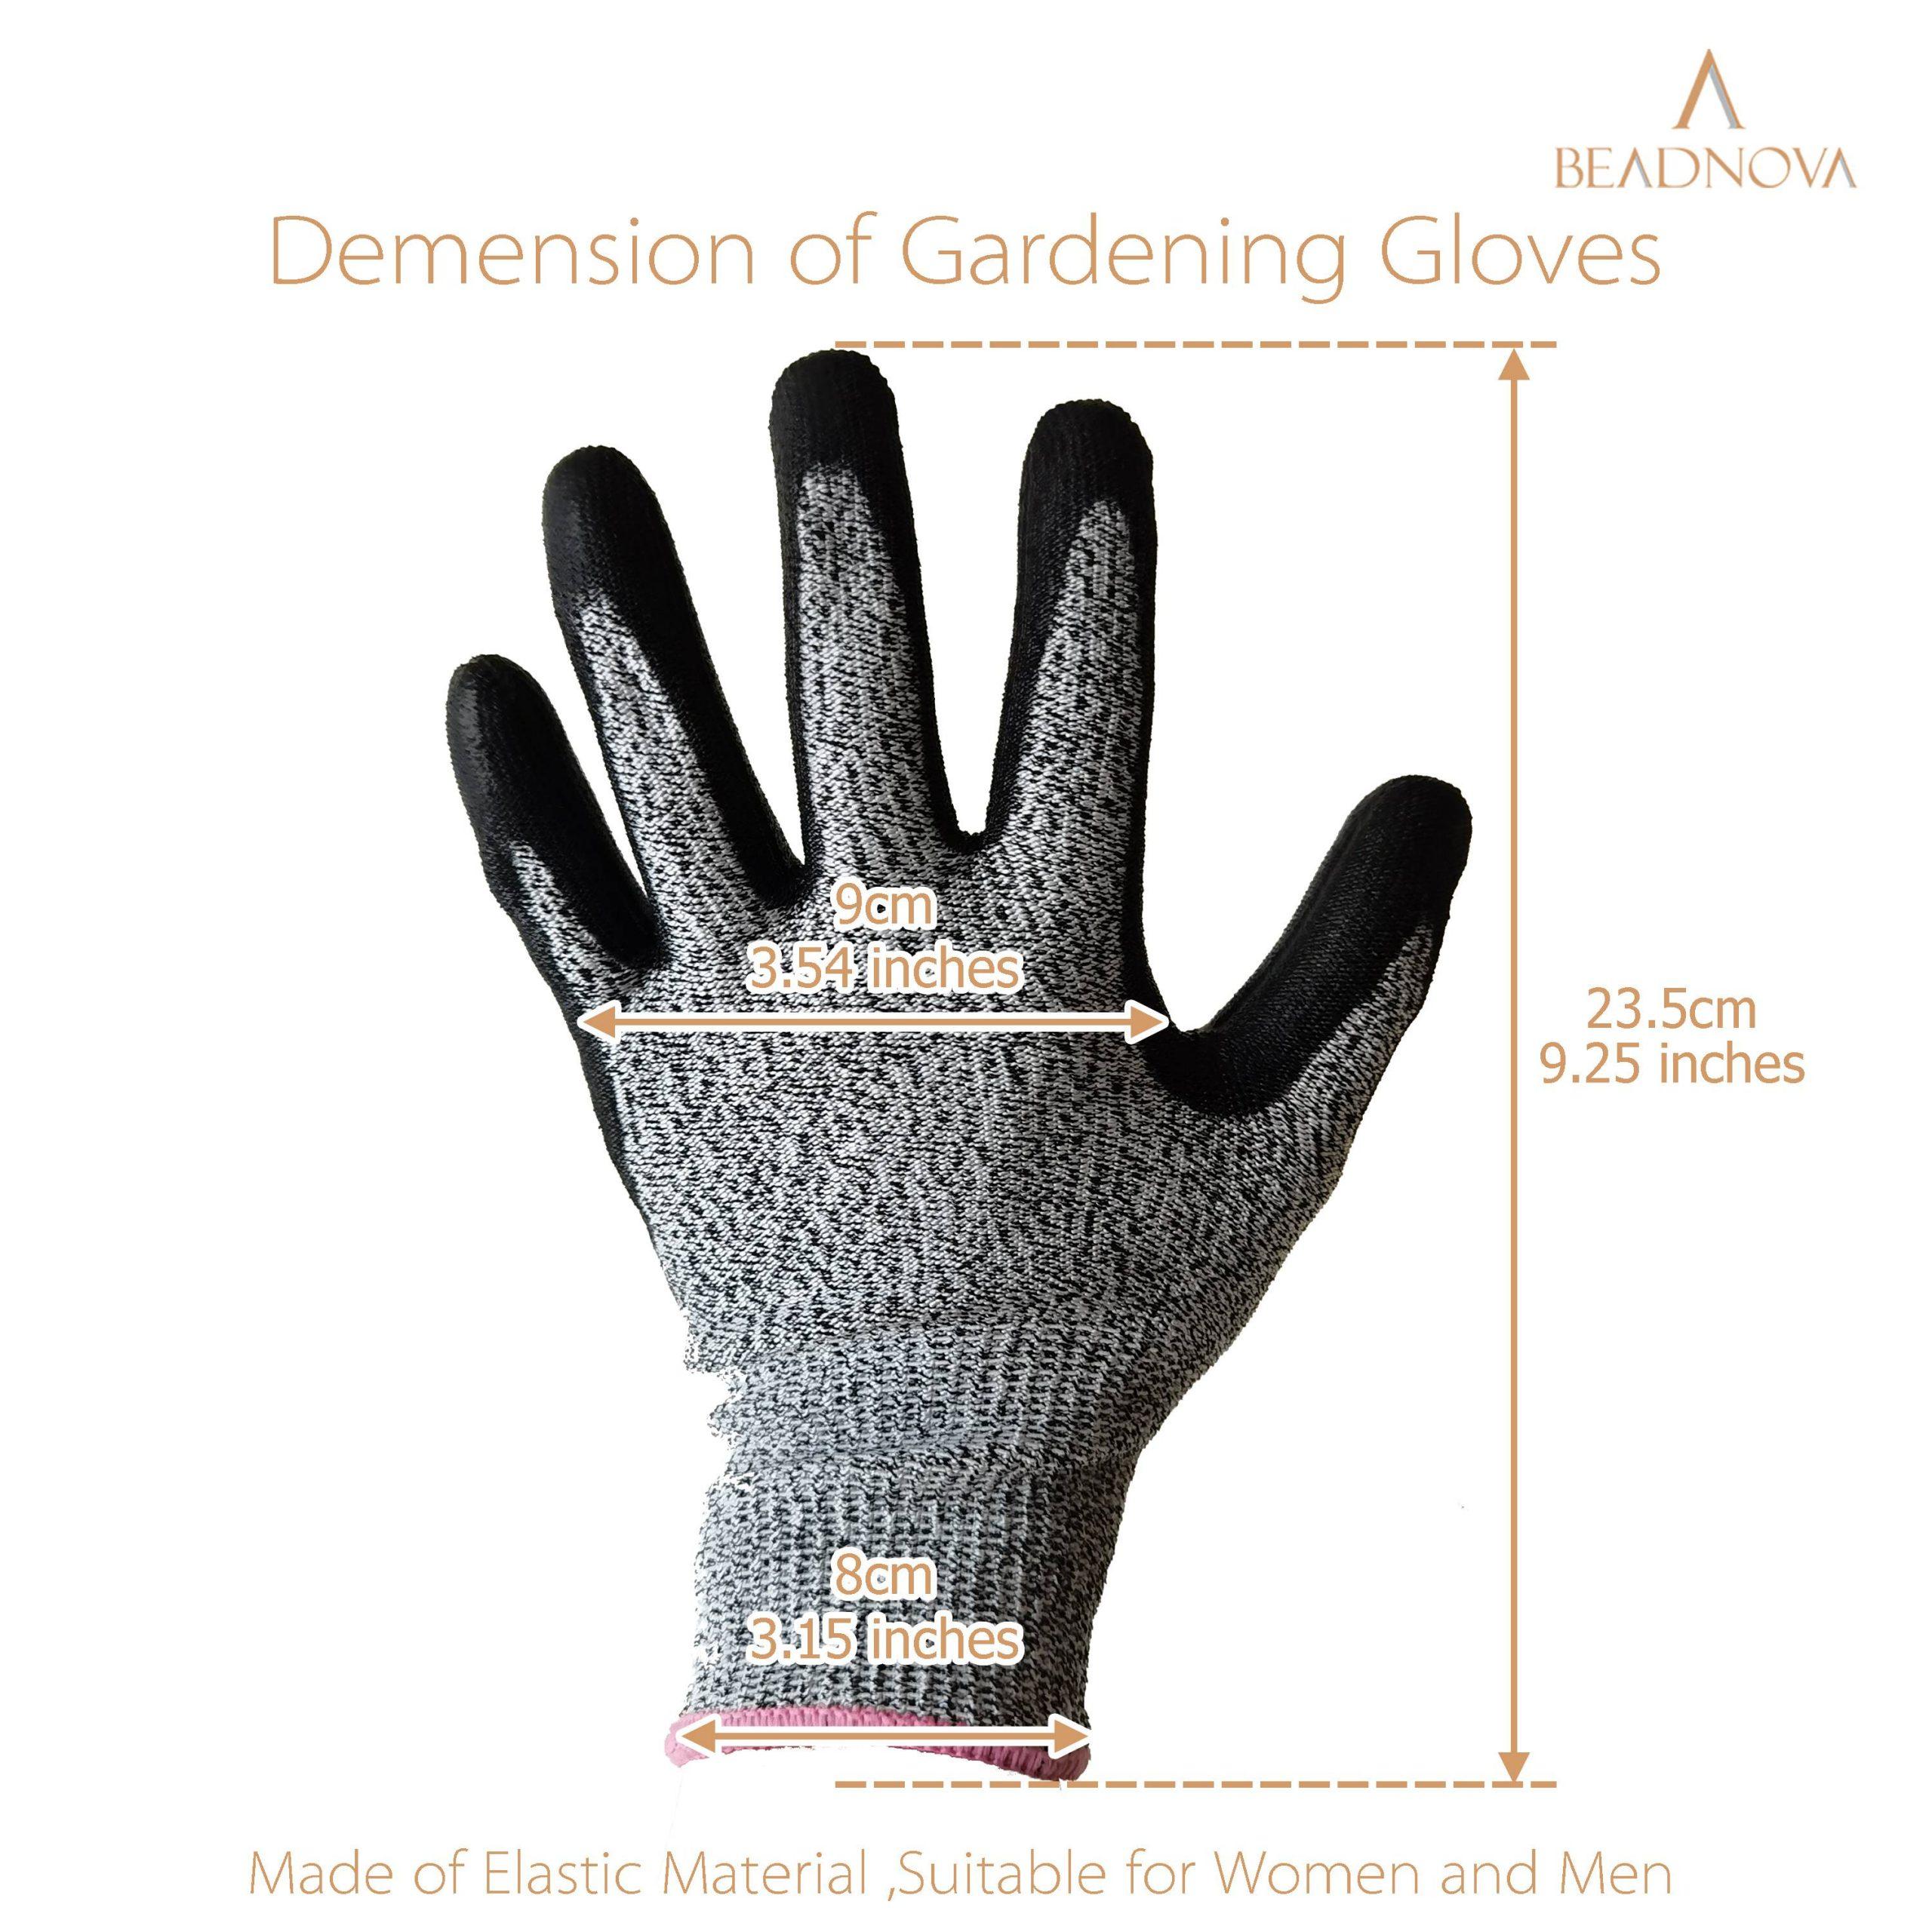 gardening-gloves-garden-gloves-work-gloves